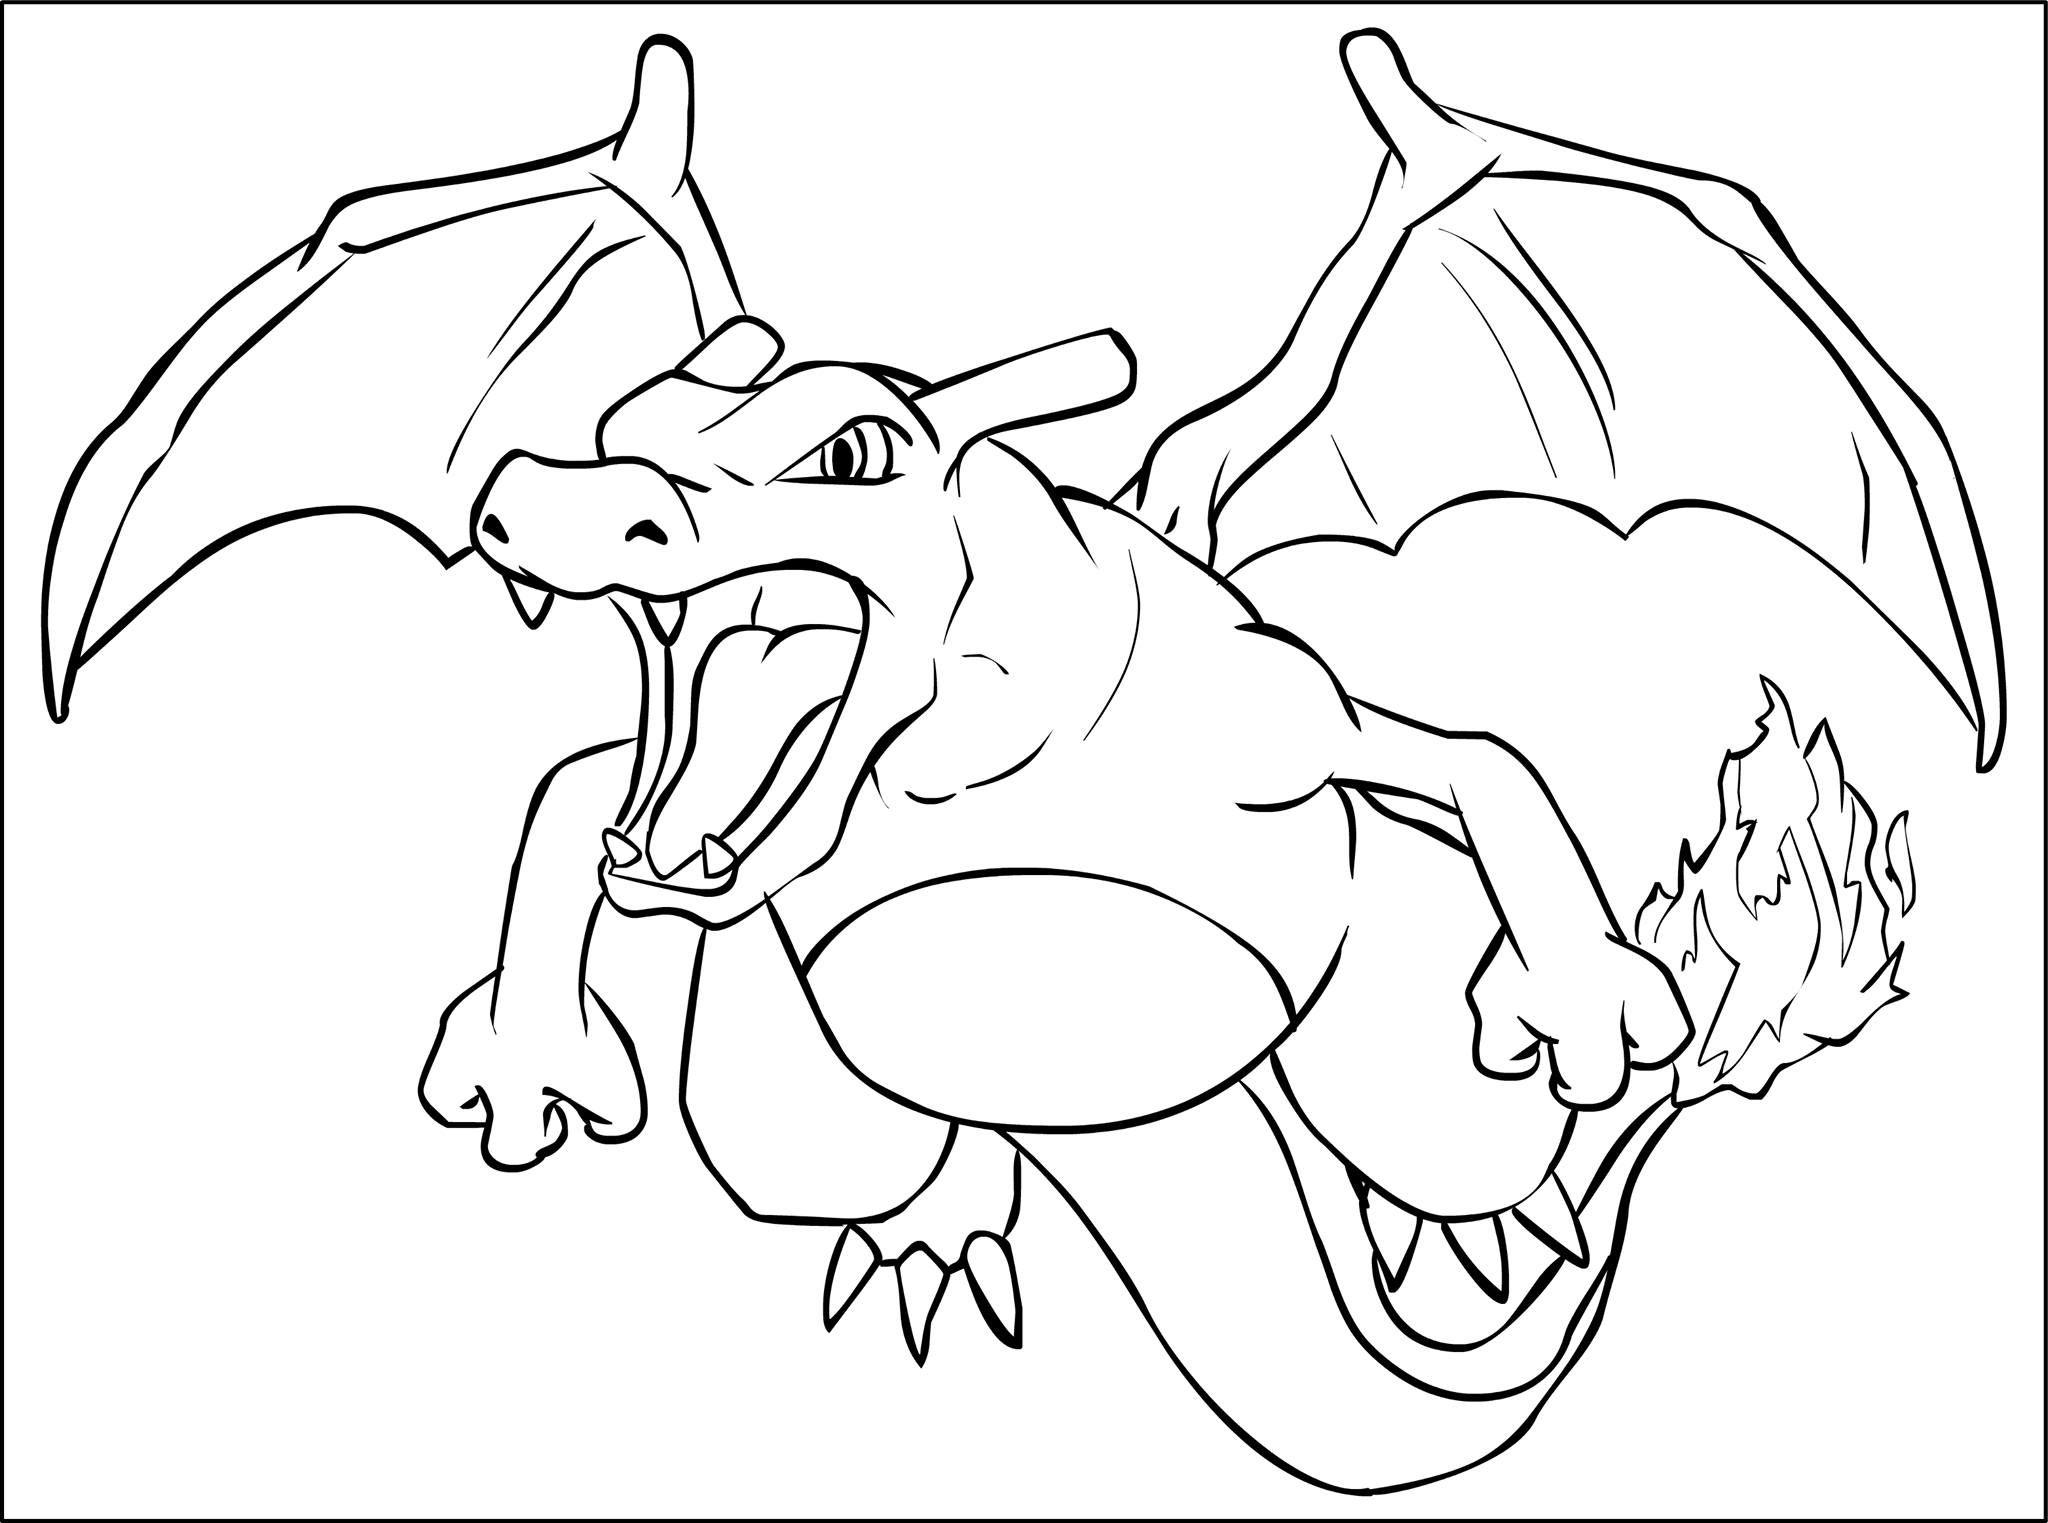 Coloriages Pokémon Gratuits  Imprimer MonsieurTeddy